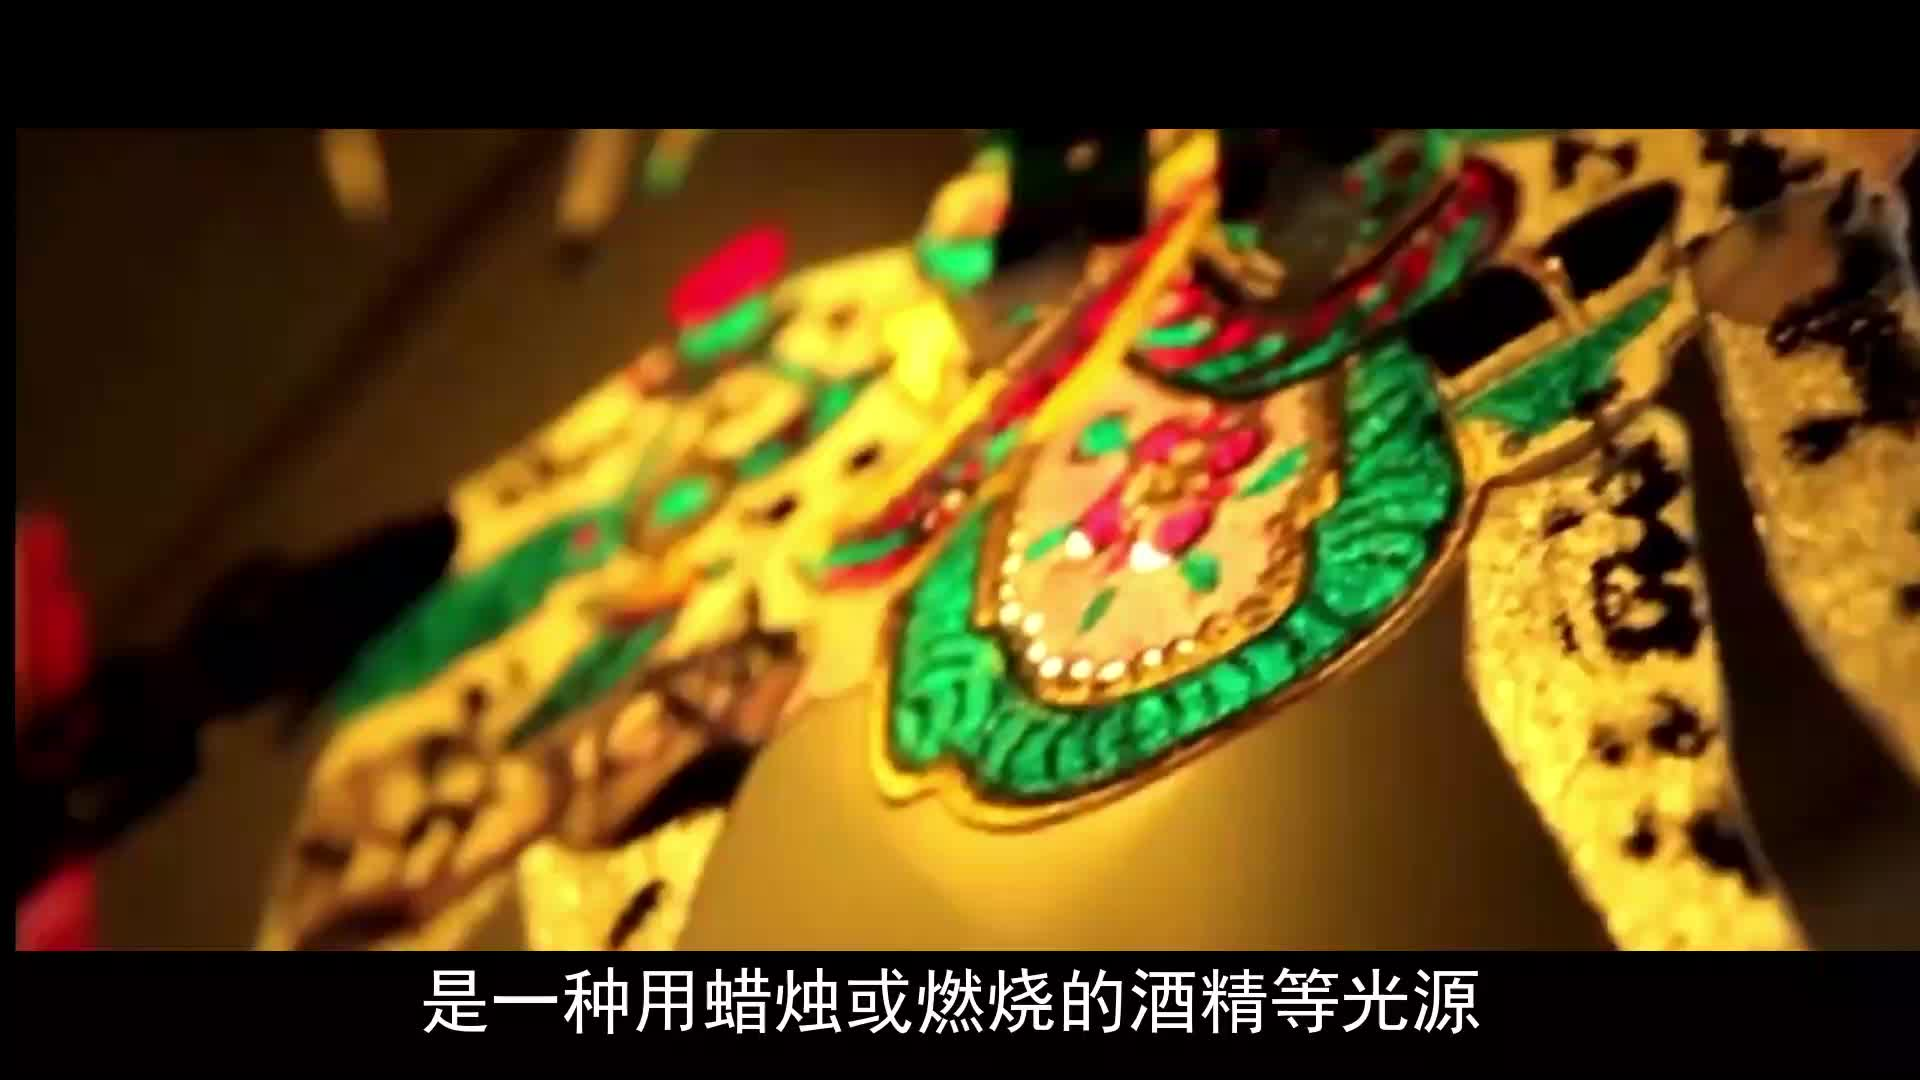 中国民间艺术皮影戏-艺术欣赏—中国民间艺术